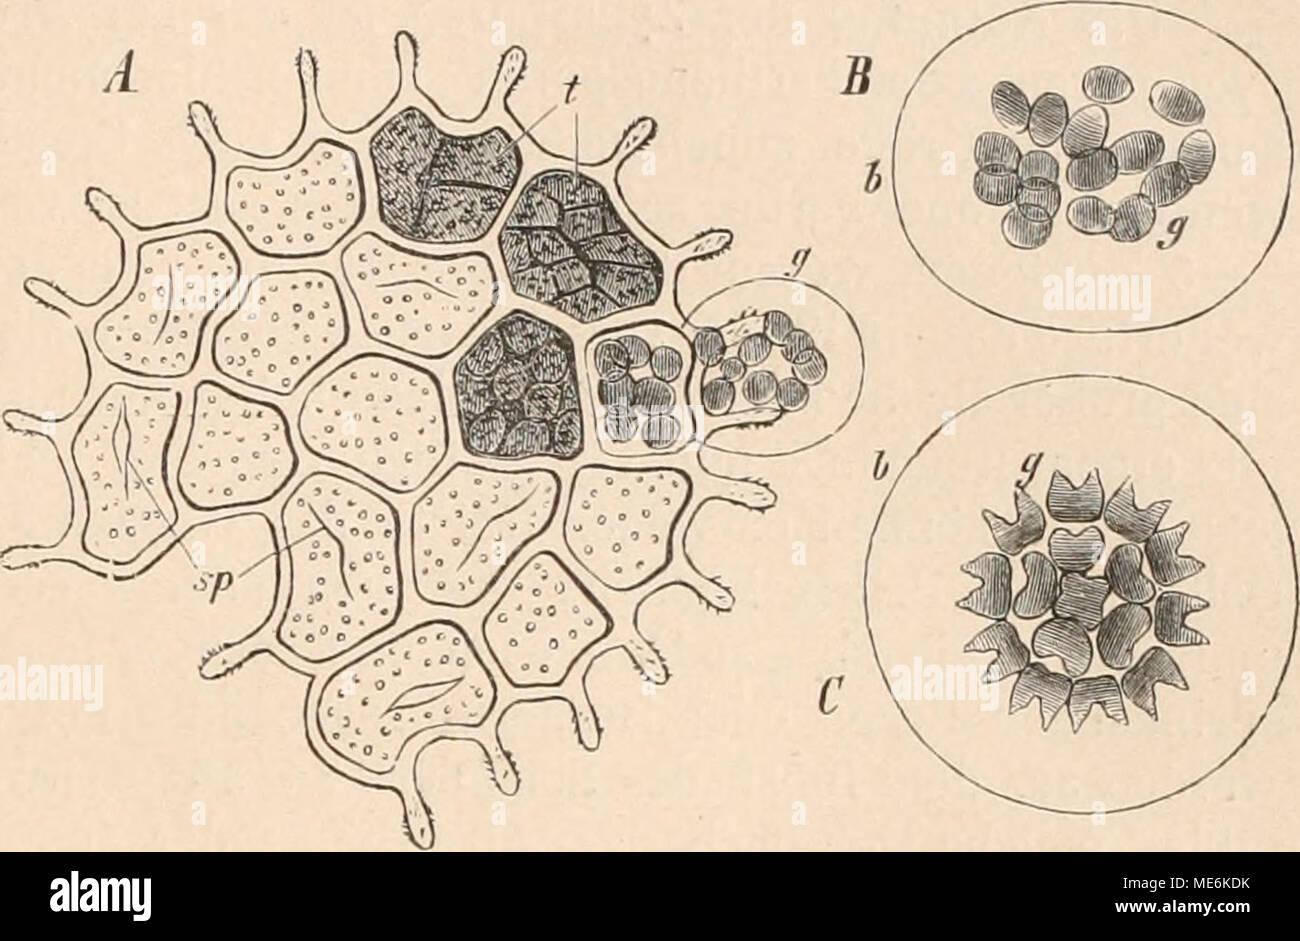 . Die Natürlichen Pflanzenfamilien nebst ihren Gattungen und wichtigeren Arten, insbesondere den Nutzpflanzen, unter Mitwirkung zahlreicher hervorragender Fachgelehrten begründet . Fig. 41. Pediastrum Boryanum (Turp.) Menegli. ß rjranulatuni (Kütz.) A. Br. A eine aus verwachsenen Zellen bestehende Scheibe ; bei (j tritt soeben die innerste Hantschicht einer Zelle hervor, sie enthält die durch Teilung des Protoplasmas entstandenen Tochterzellen; bei t verschiedene Teilungszustände der Zellen; sp die Spalte in den bereits entleerten Zellhäuten. B die ganz ausgetretene innere Lamelle der Mutterze - Stock Image